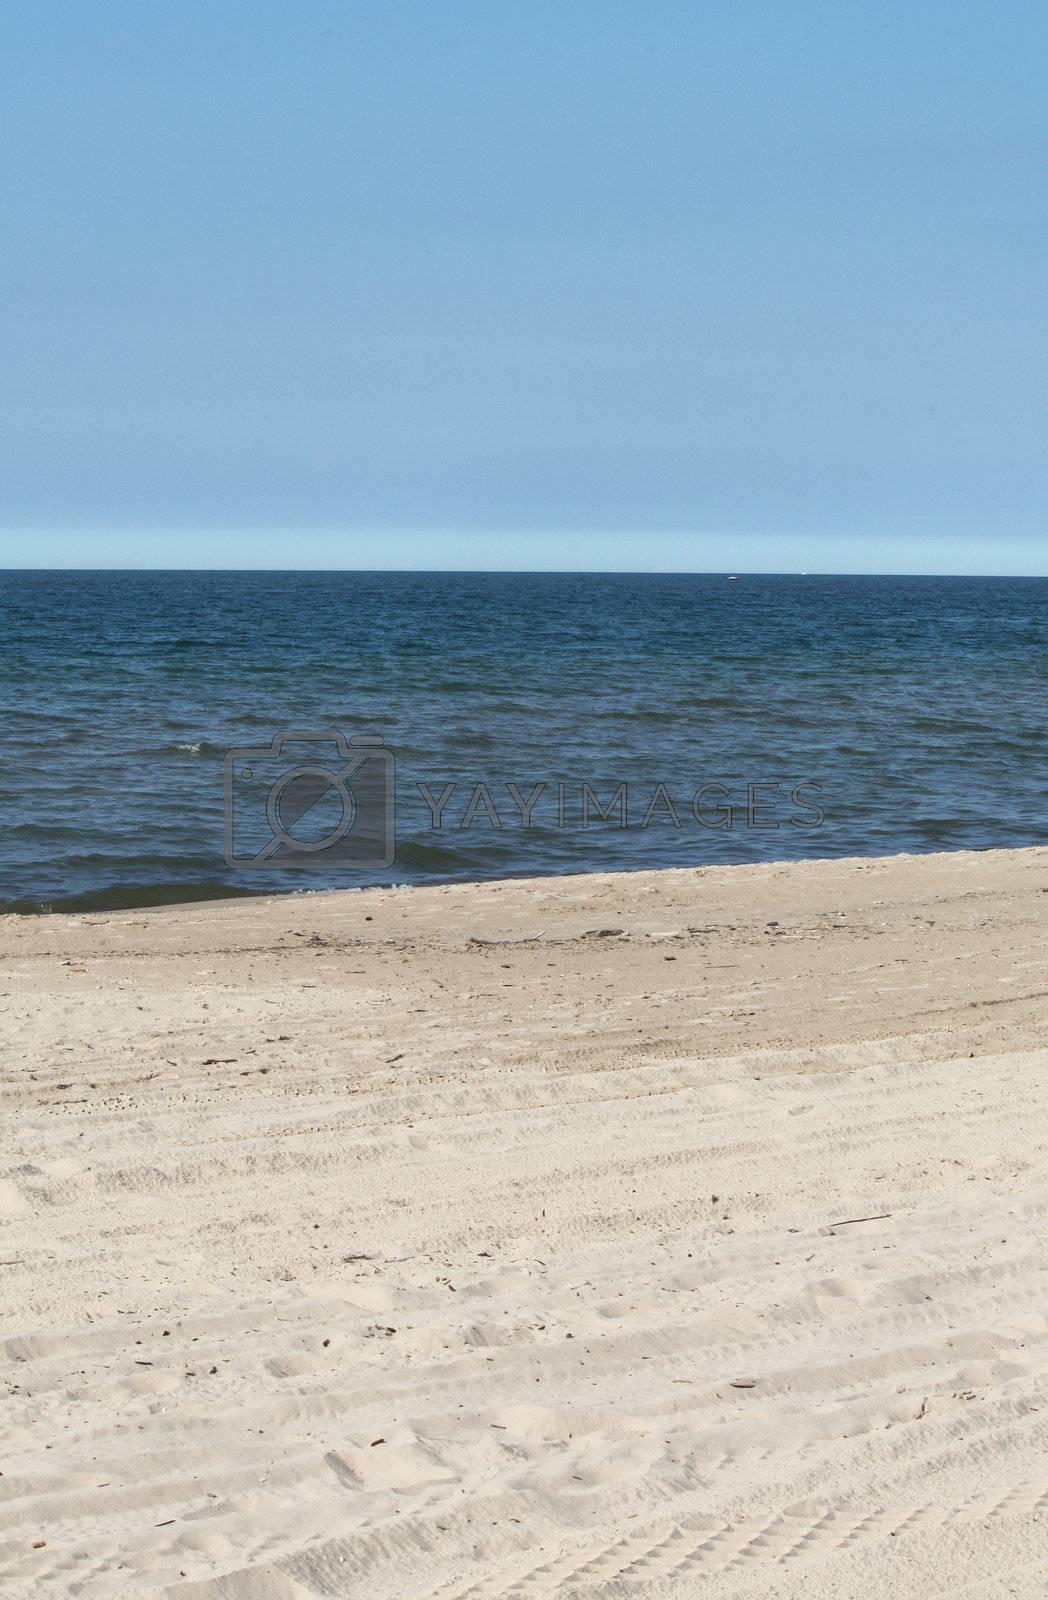 Royalty free image of Ocean beach by solheim